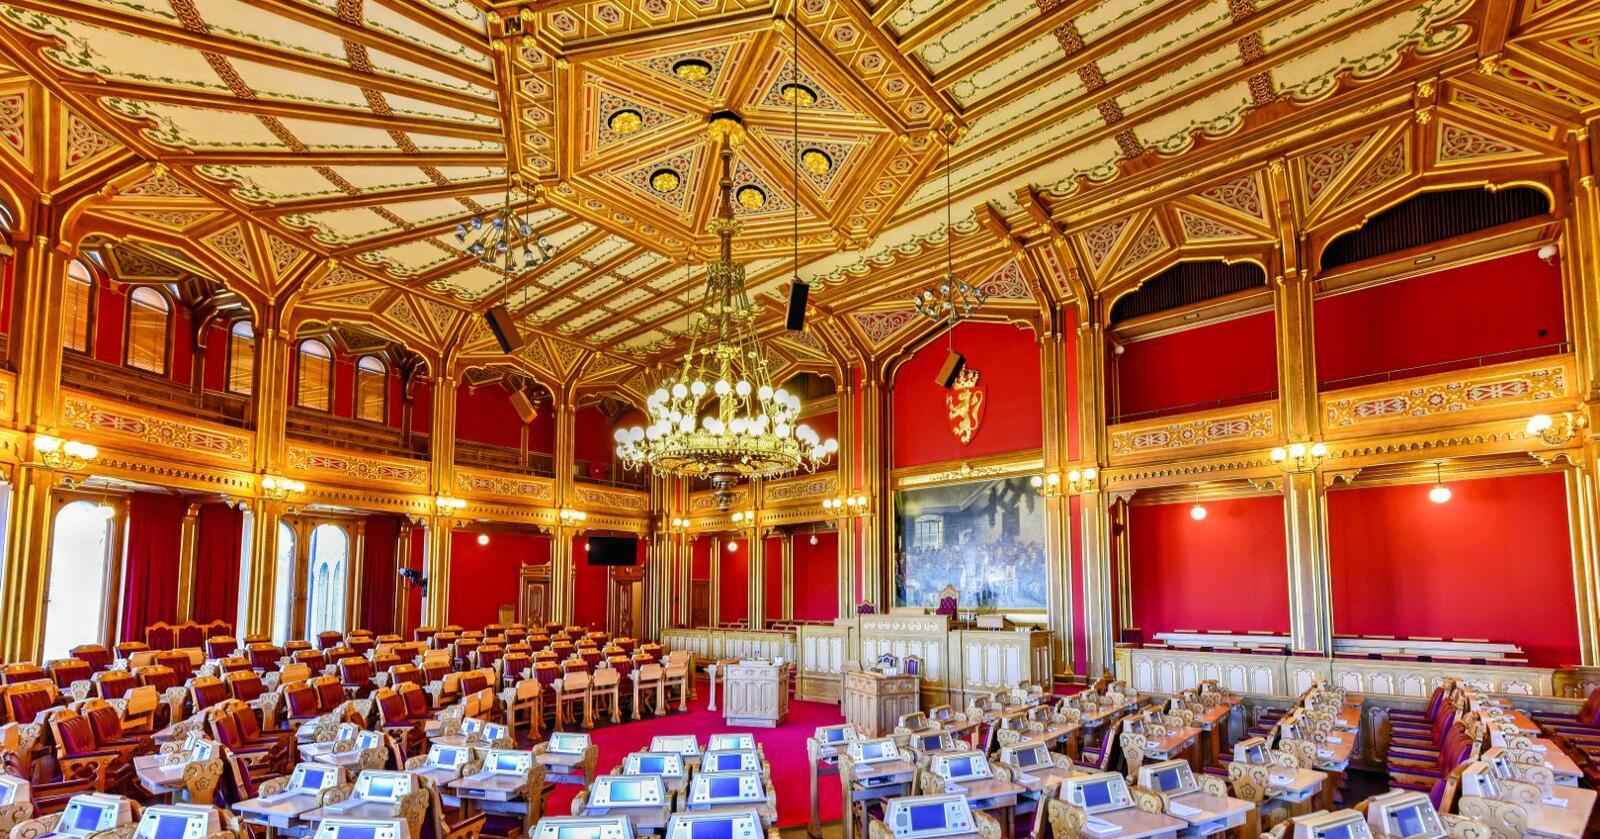 Mer Oslo-makt i denne sal: Med dagens valgordning øker antall stortingsrepresentanter fra Oslo-regionen jevnt og trutt – på distriktenes bekostning. Finnes det ikke alternativer? Foto: Mostphotos